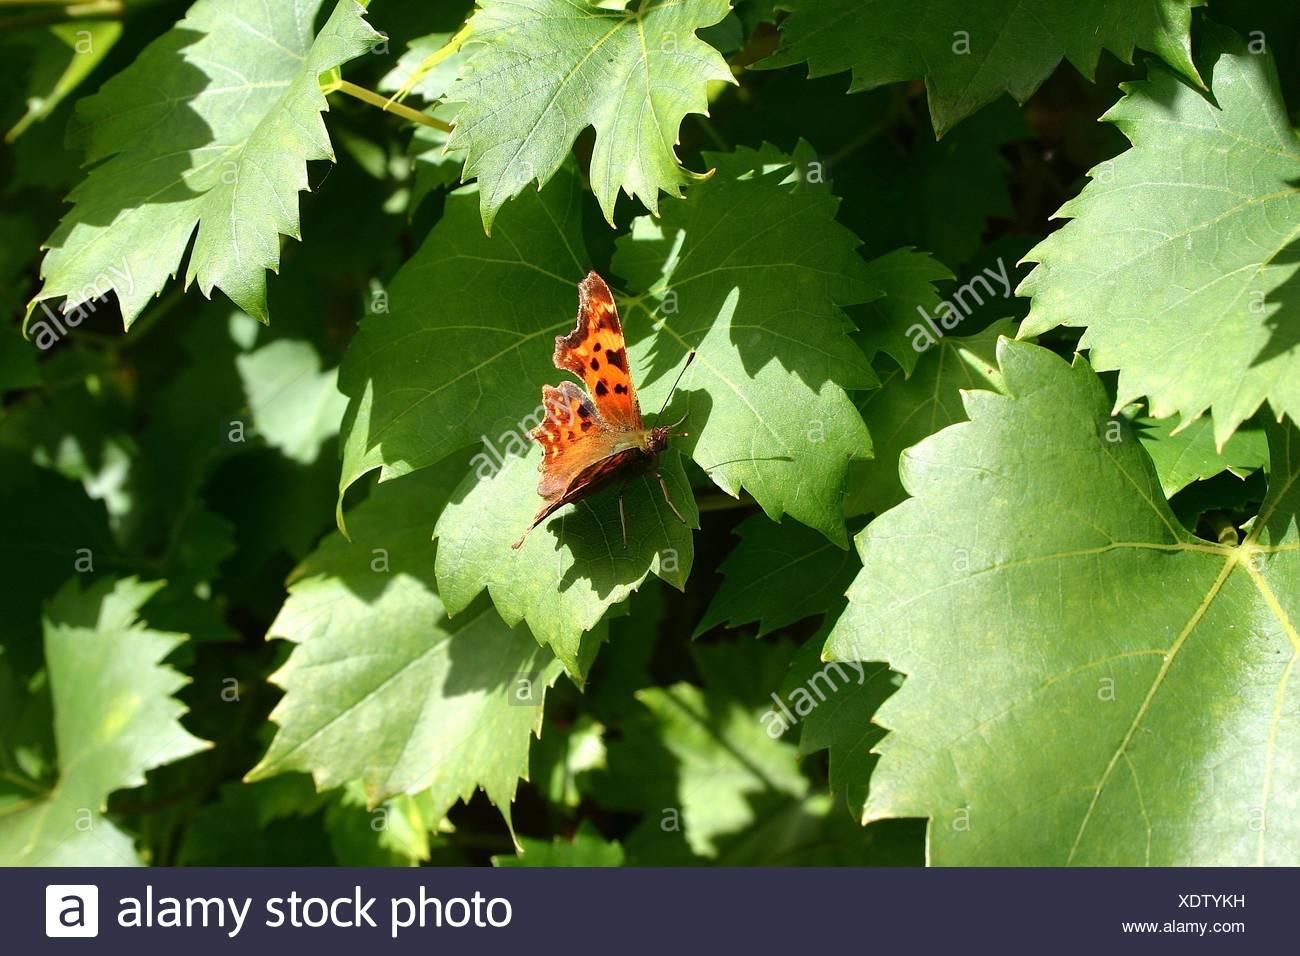 Butterfly Moth Butterfly Moth Groer Fuchs Wilder Wein Oranger With Groer